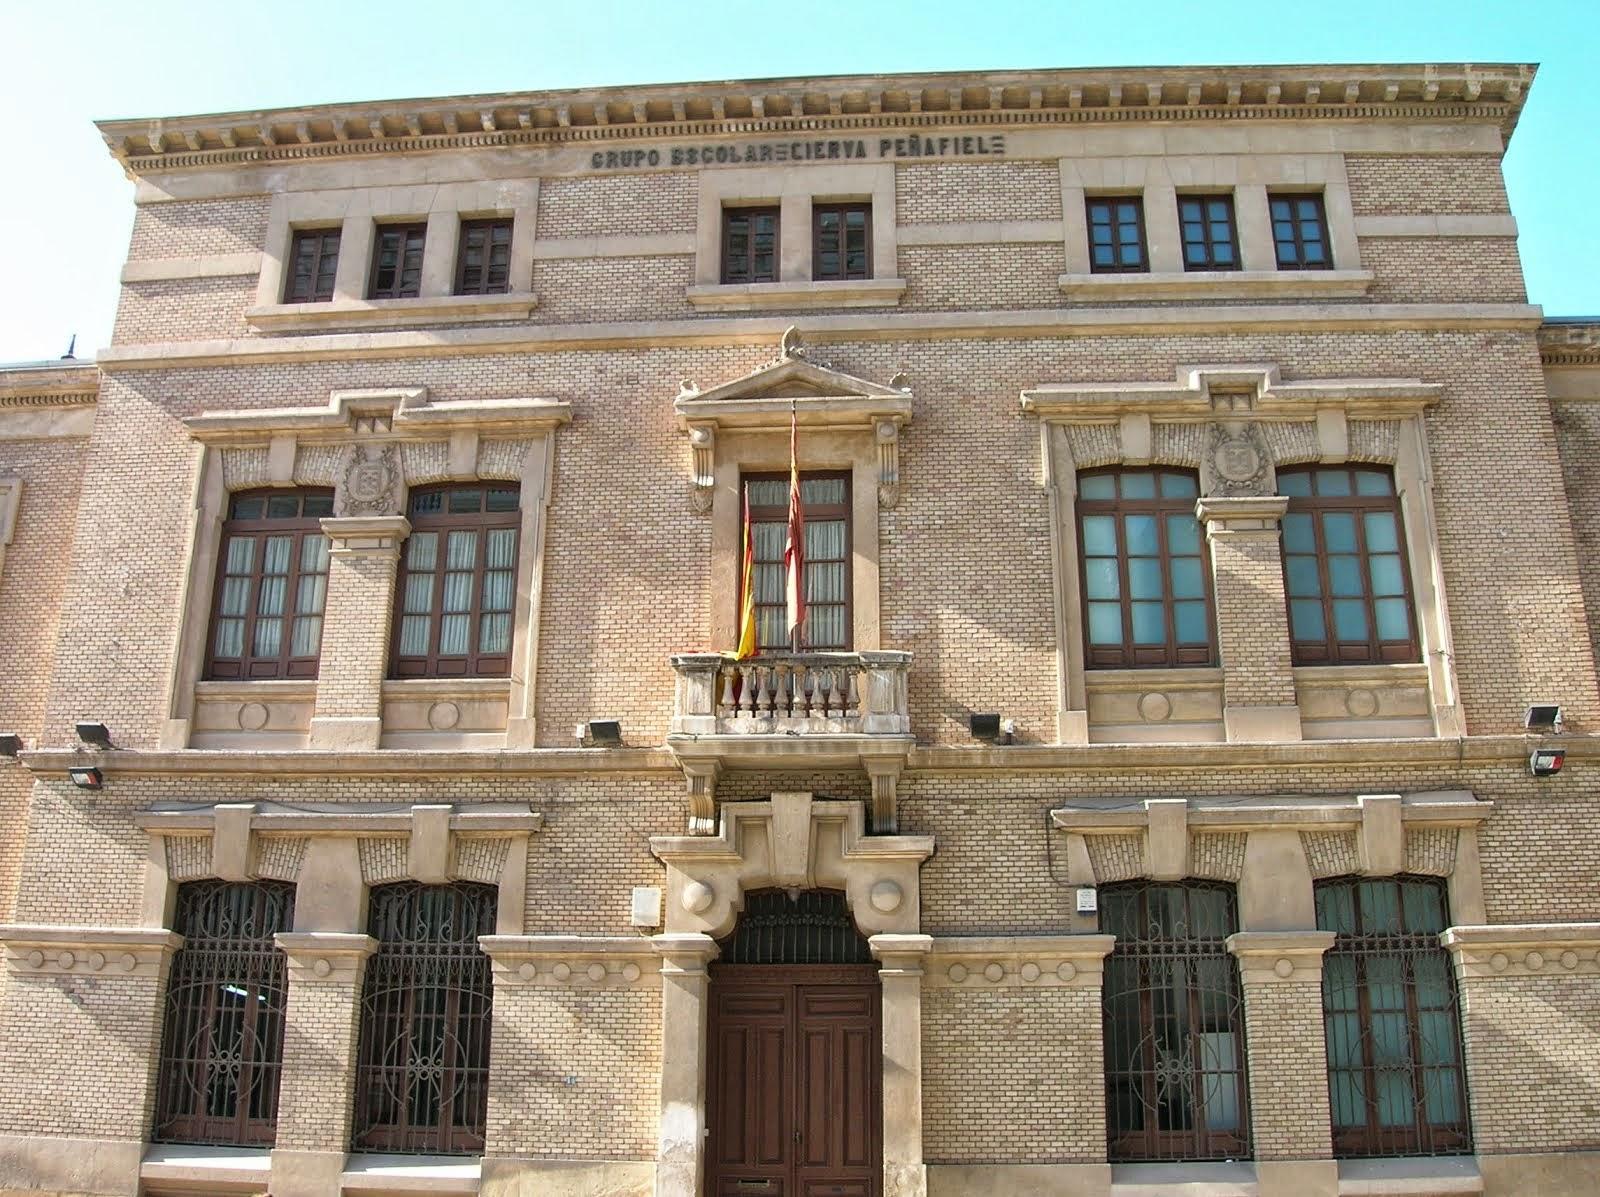 Web del colegio público Cierva Peñafiel